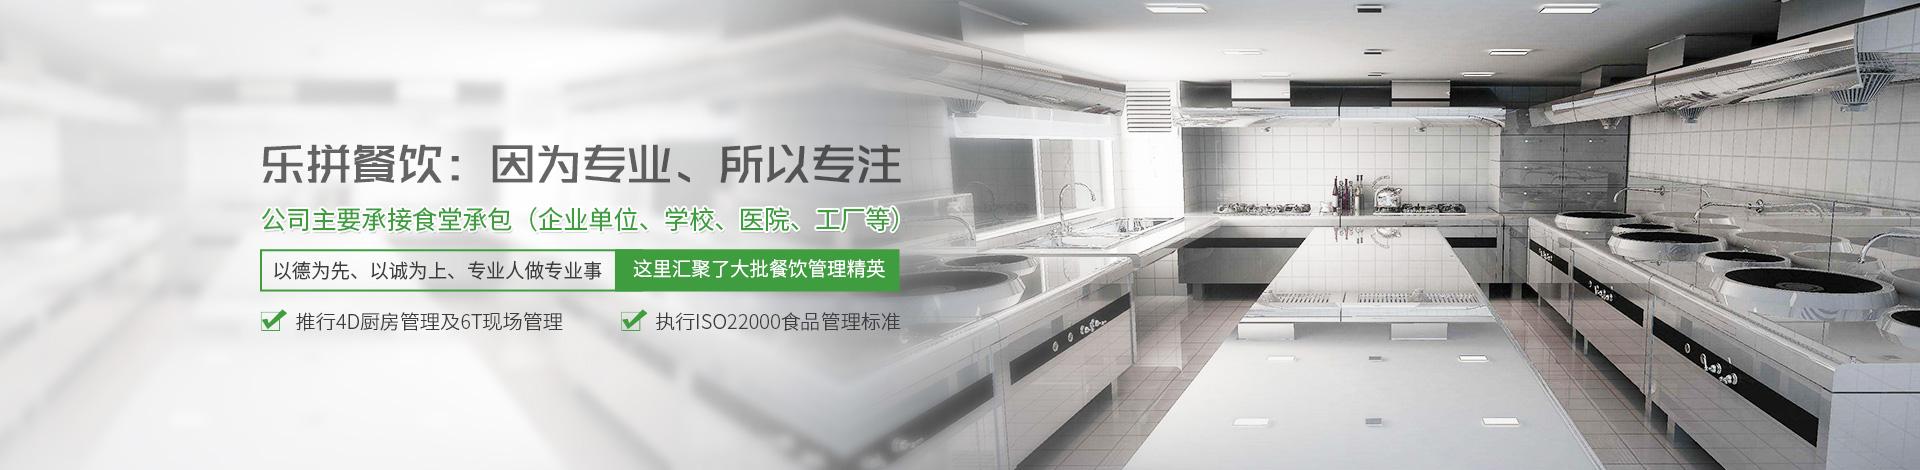 吴江食堂承包